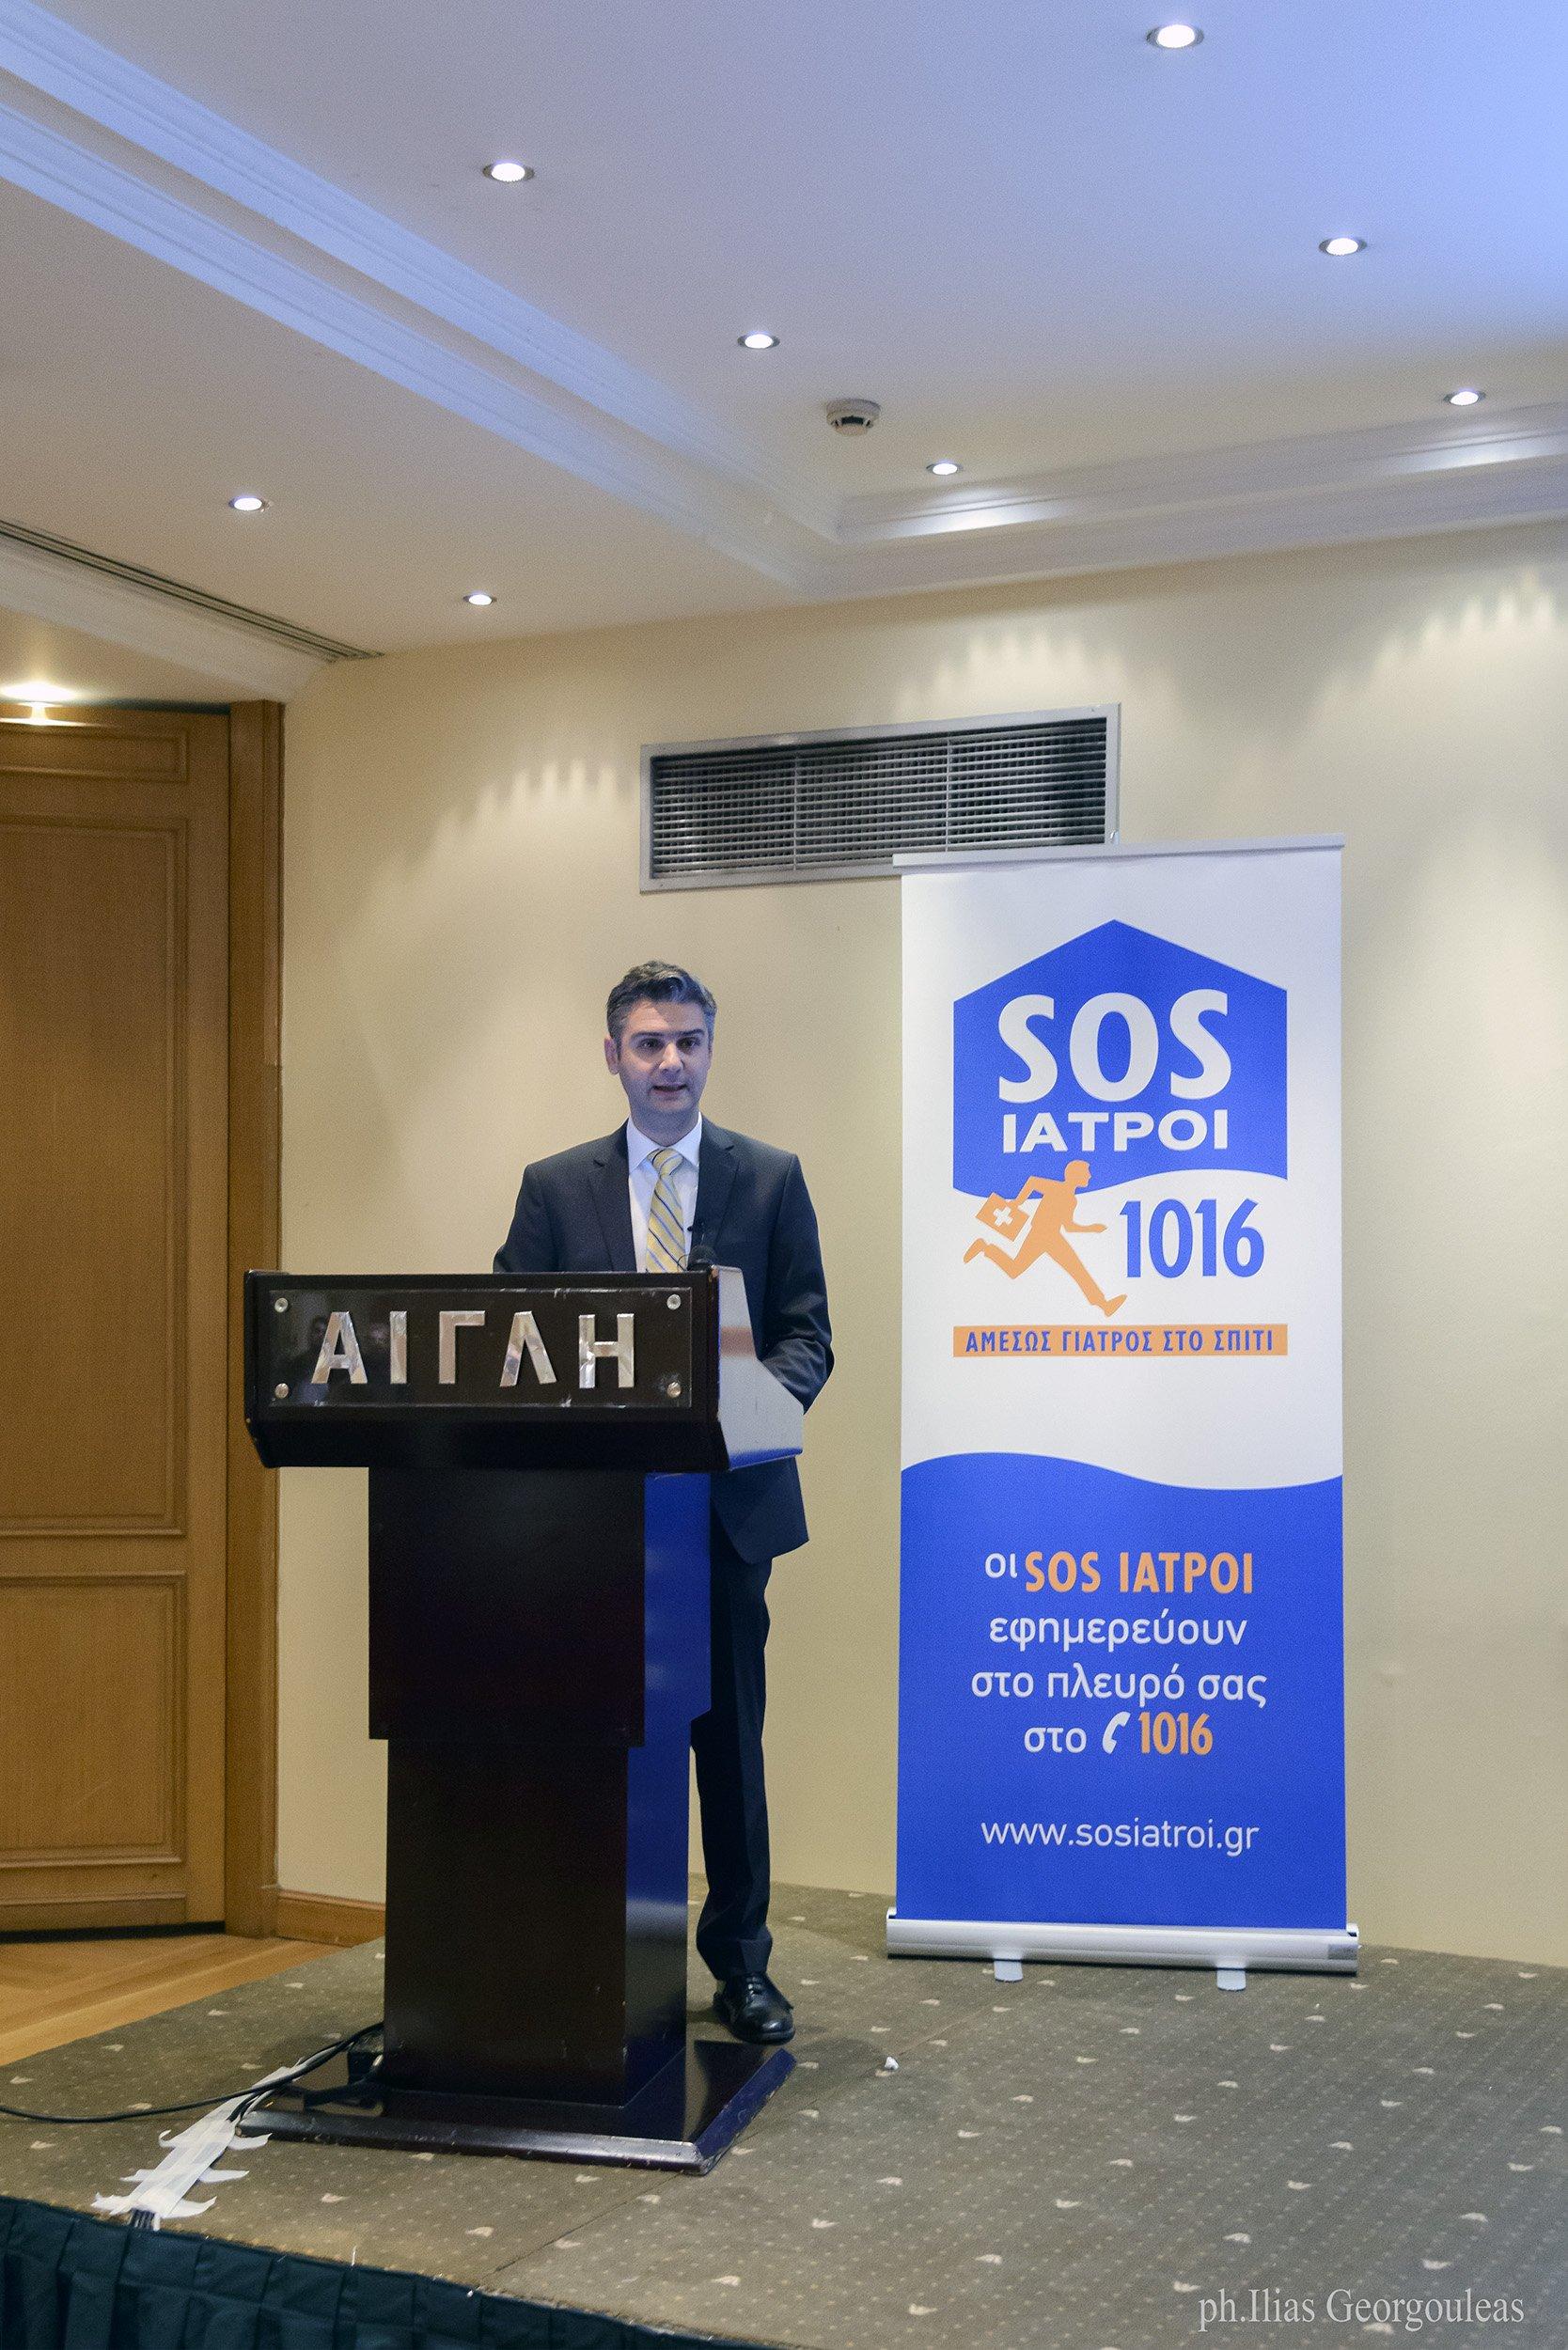 Ομιλία κου Νικόλαου Τσεκούρα, MD, PhD Αγγειοχειρουργού